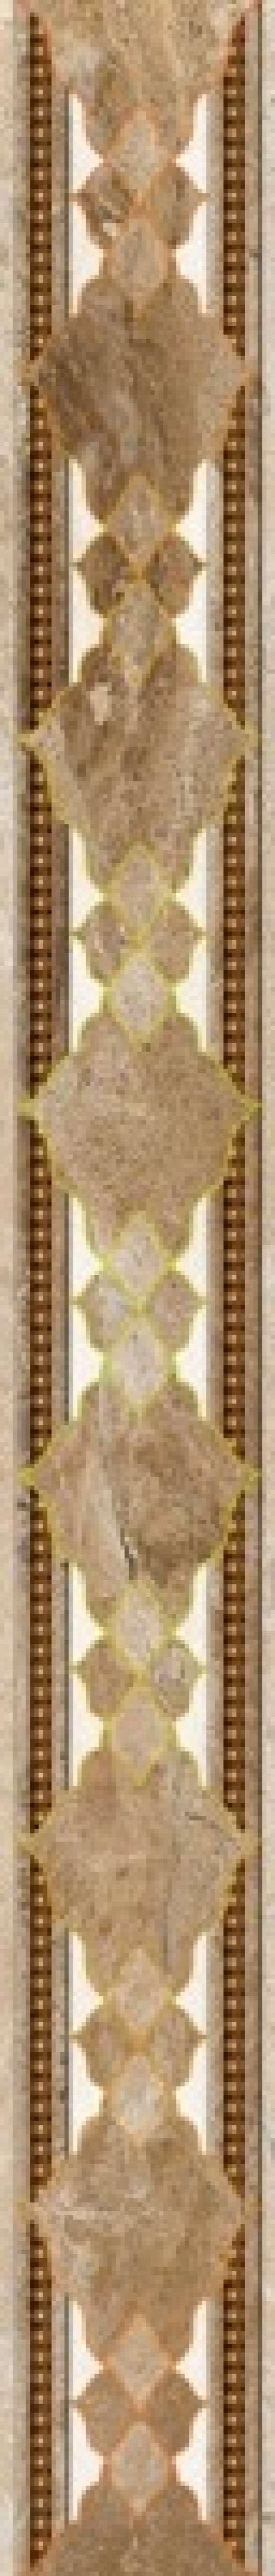 Березакерамика  Флоренция фриз коричневый 5,4*50